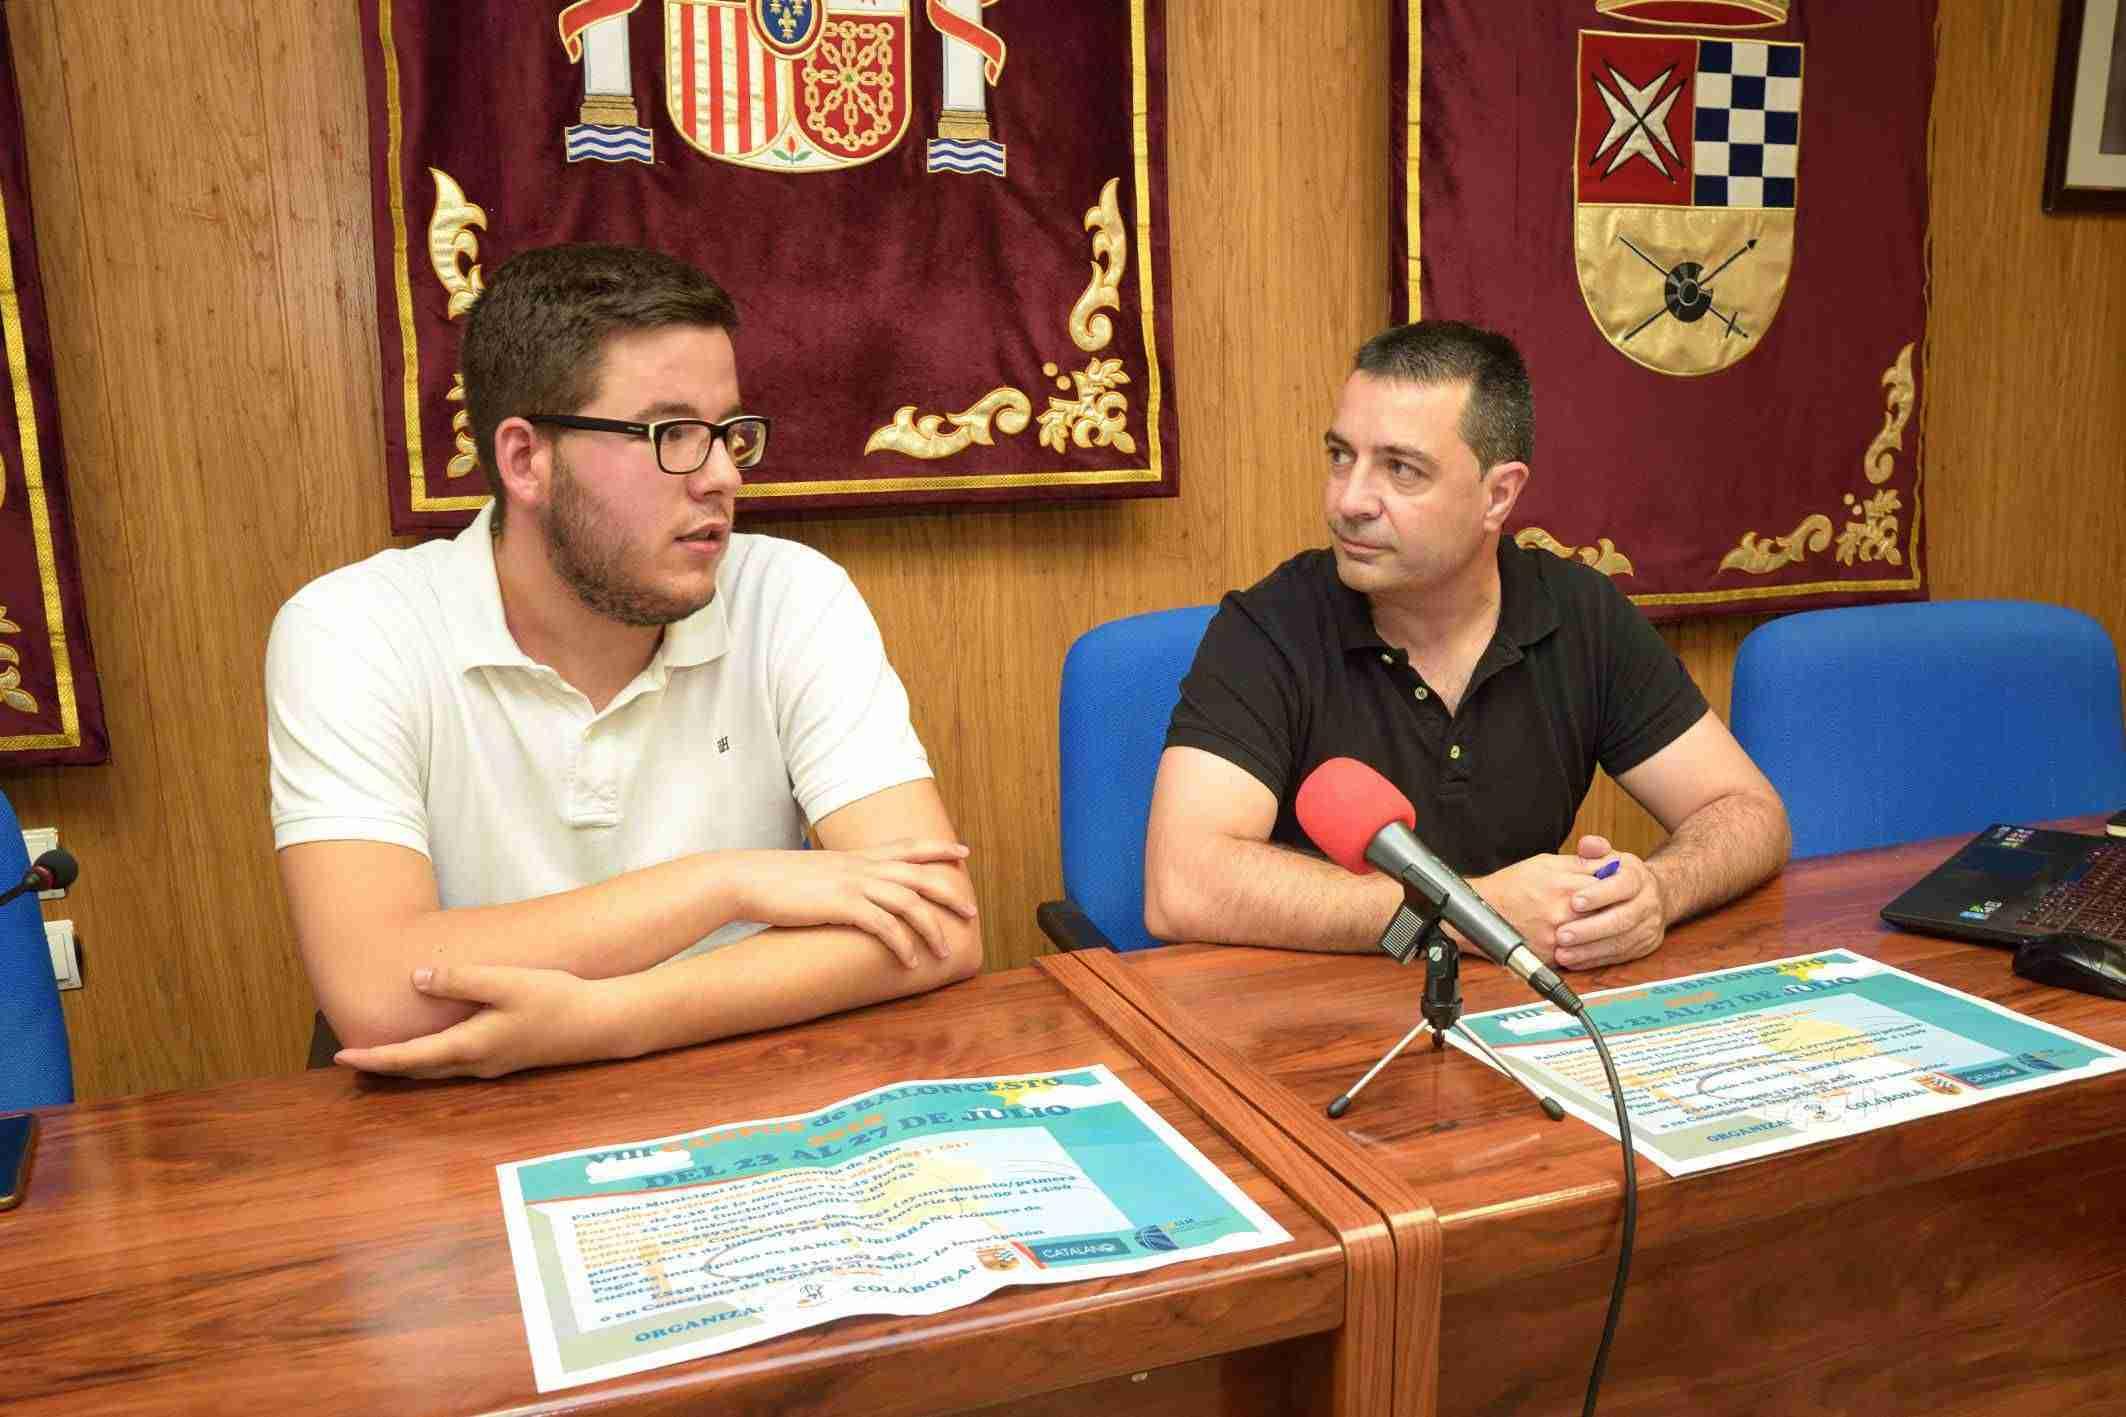 El CBA y el Ayuntamiento presentan el VIII Campus de Baloncesto de Argamasilla de Alba 1